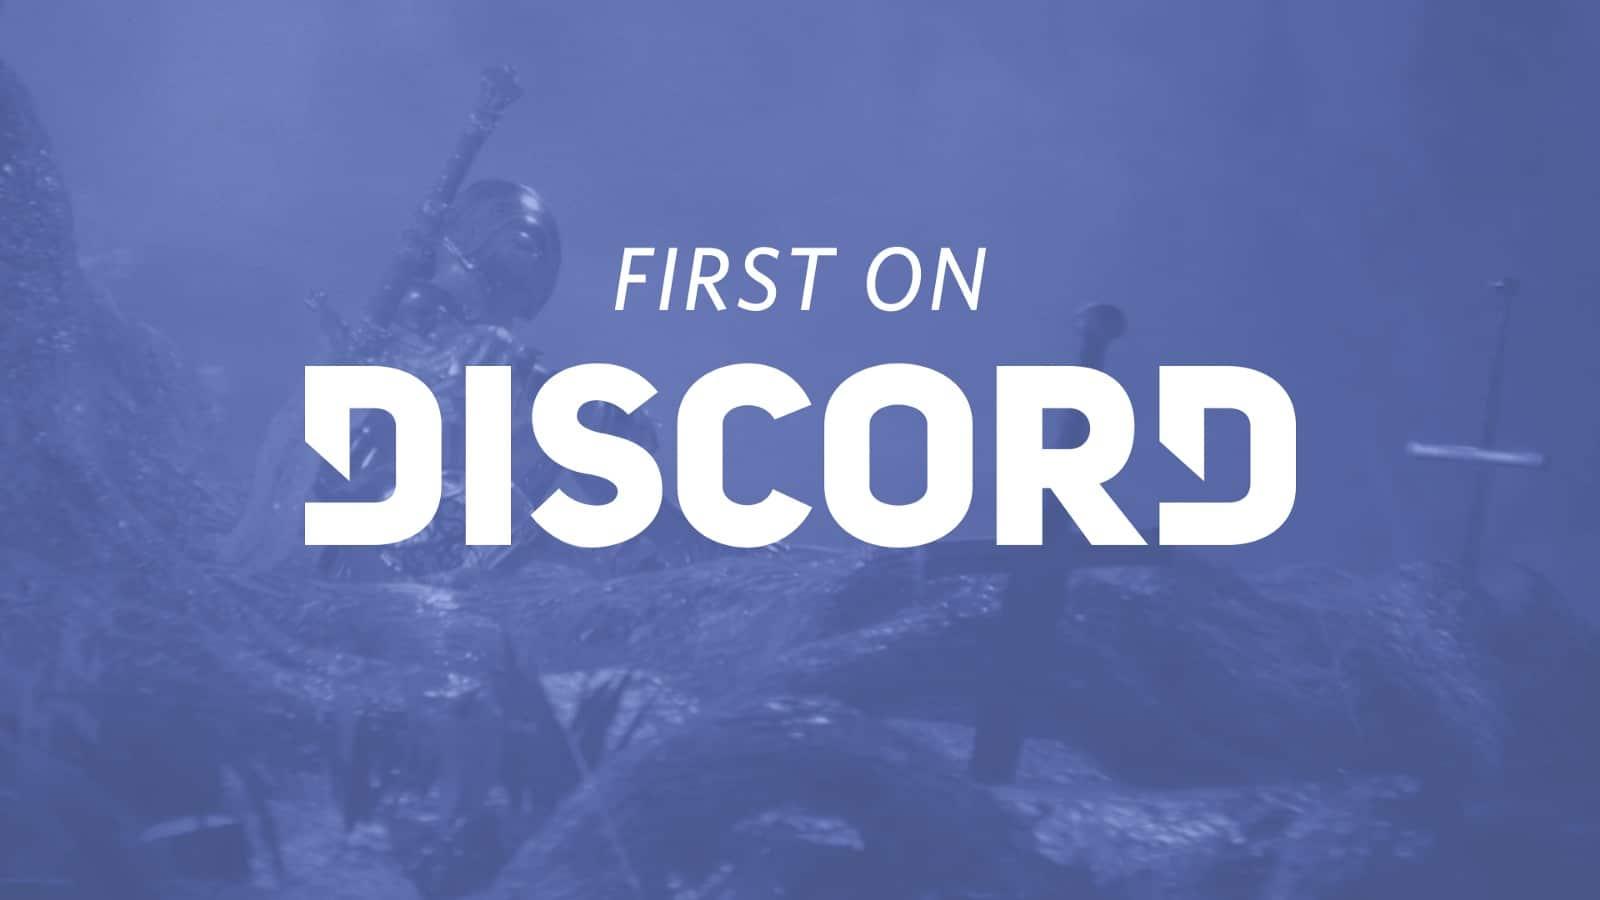 منصة Discord تفتتح متجر خاص بالألعاب 2